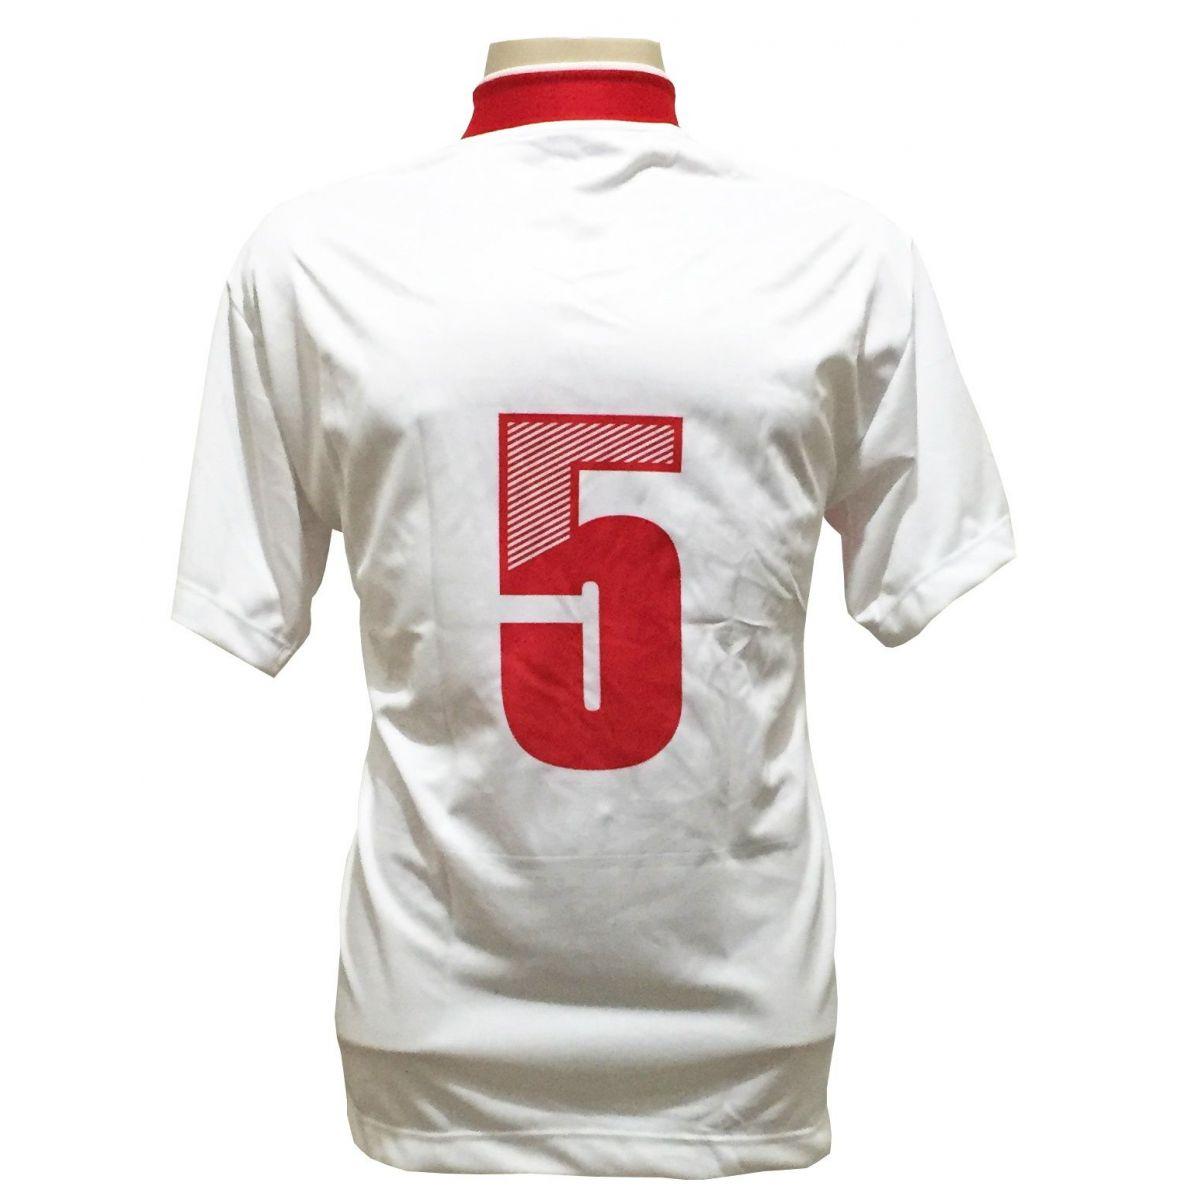 Uniforme Esportivo Completo modelo Suécia 14+1 (14 camisas Branco/Vermelho + 14 calções Madrid Branco + 14 pares de meiões Brancos + 1 conjunto de goleiro) + Brindes